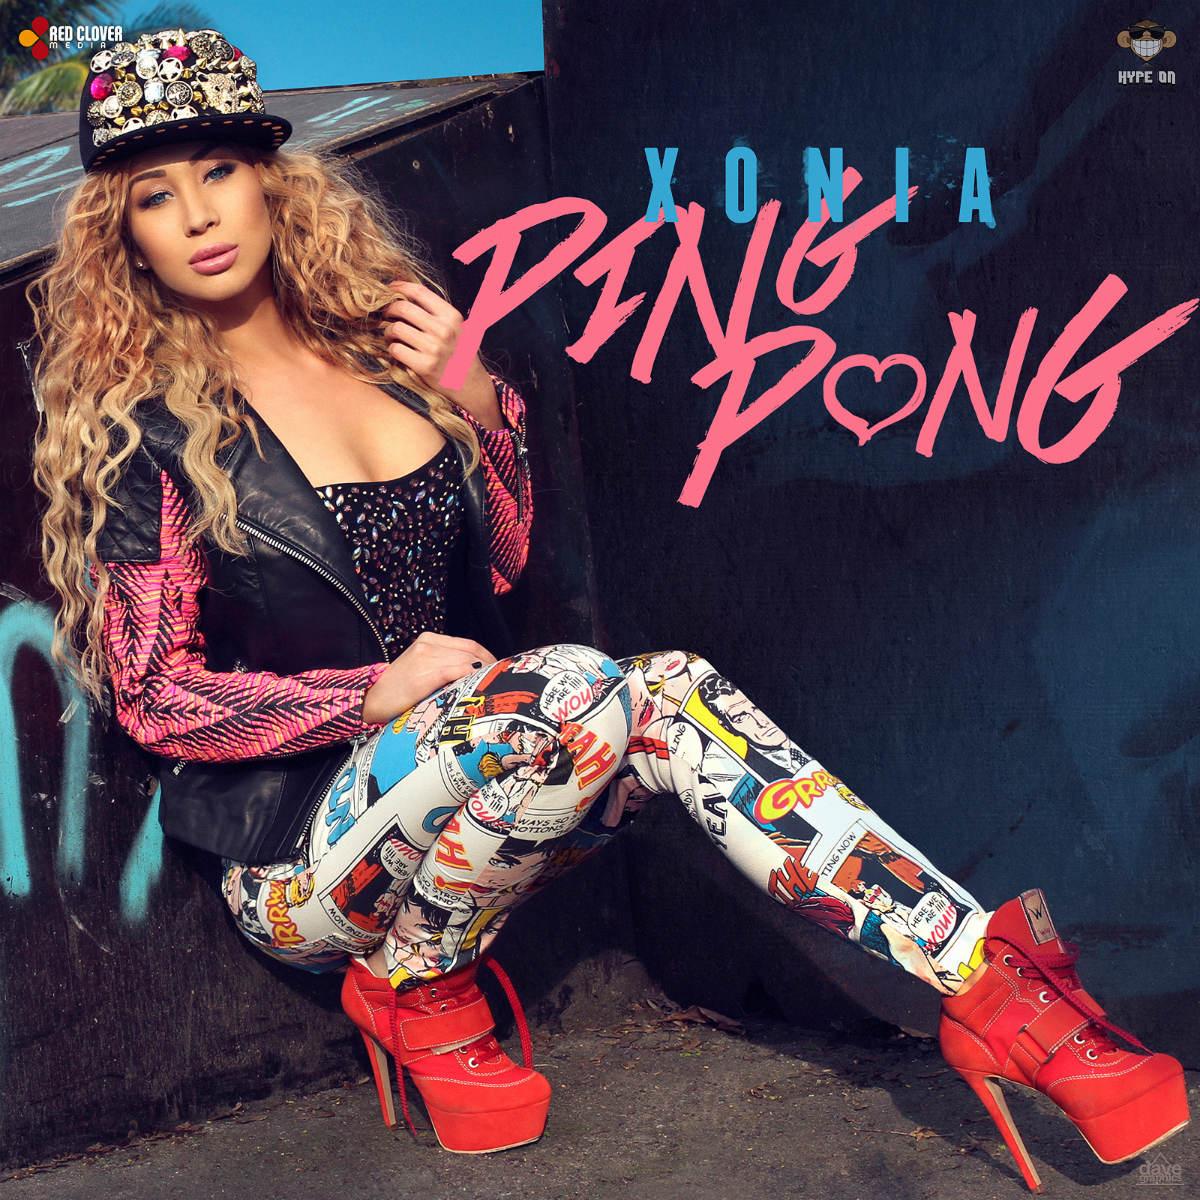 New single   Xonia     Ping Pong Xonia Ping Pong